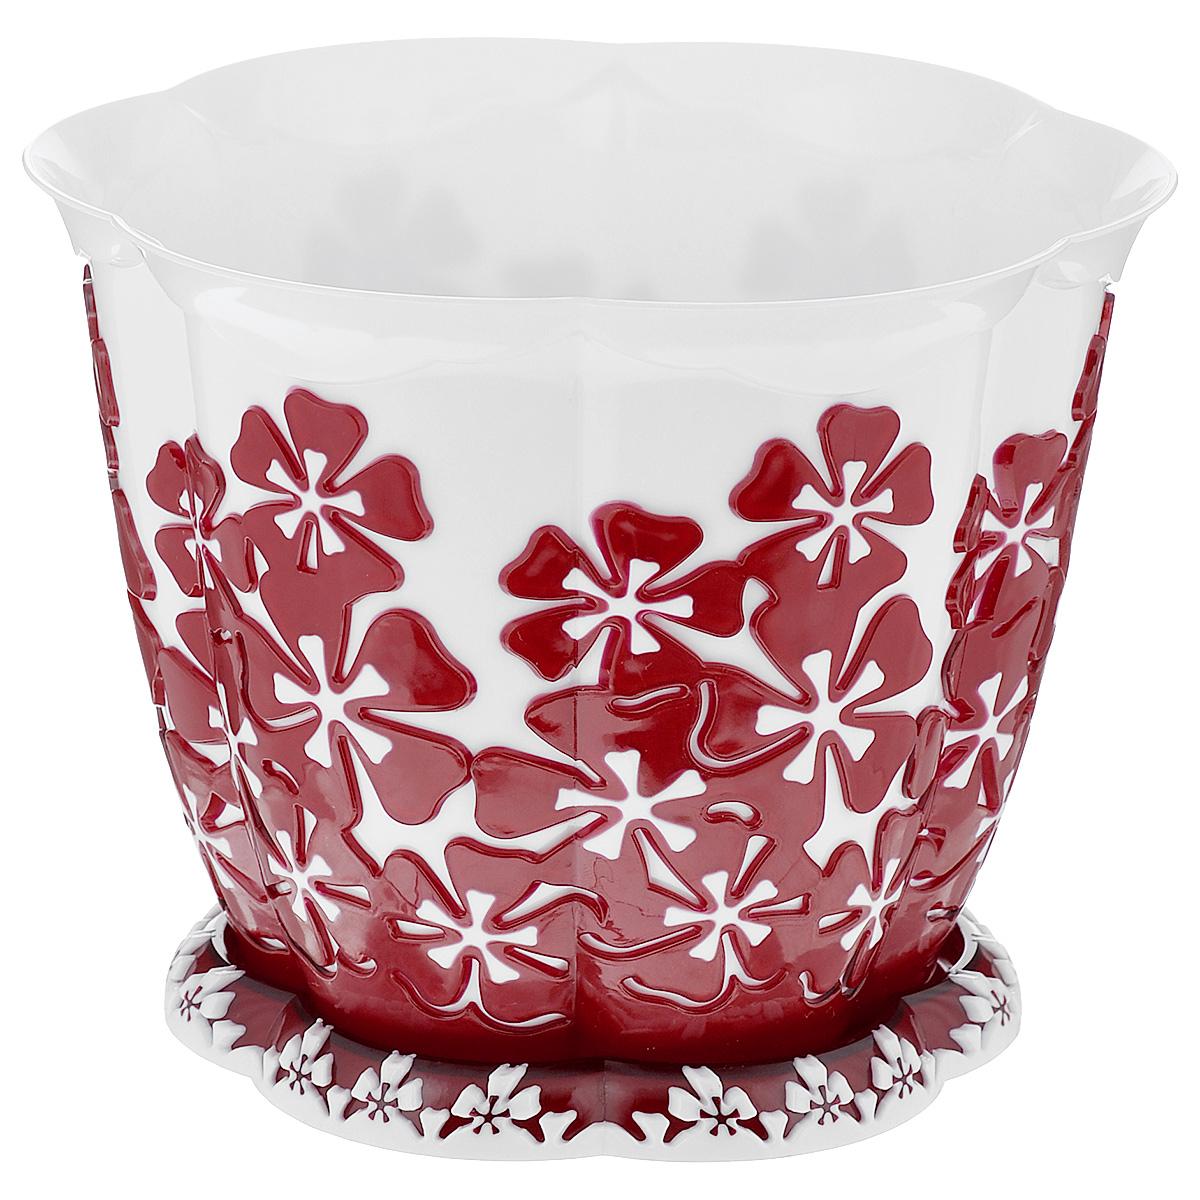 Горшок цветочный Альтернатива Камелия, с поддоном, цвет: белый, красный, 3 лZ-0307Горшок для цветов Альтернатива Камелия представляет собой пластиковую емкость, декорированную объемным цветочным орнаментом. Изделие оснащено поддоном для стока жидкости. Горшок имеет стильный дизайн, поэтому прекрасно впишется в любой интерьер. Диаметр по верхнему краю: 20,5 см. Высота: 16 см.Объем горшка: 3 л.